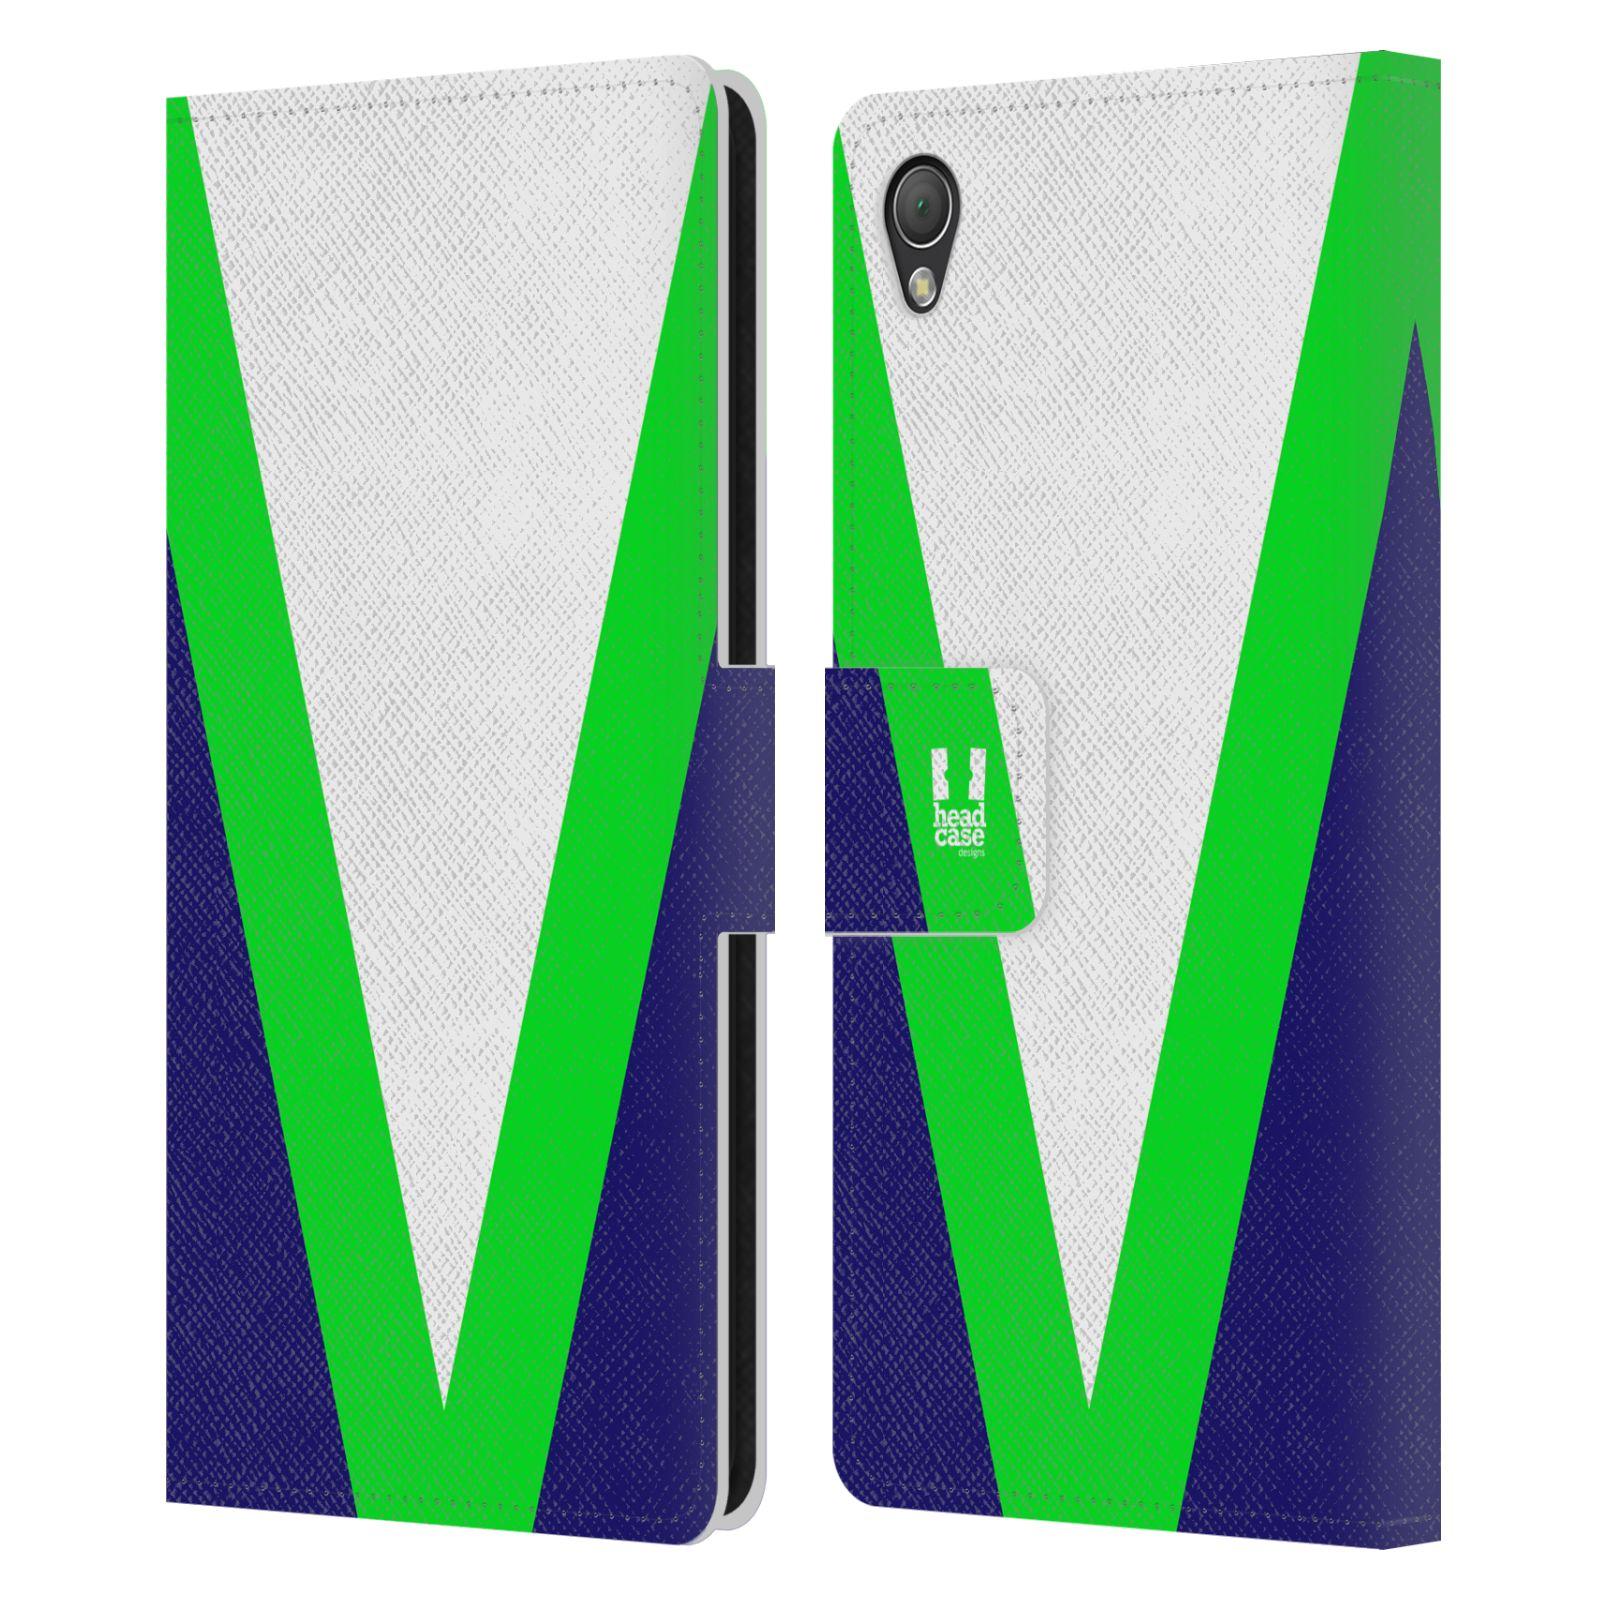 HEAD CASE Flipové pouzdro pro mobil SONY XPERIA Z3 barevné tvary zelená a modrá